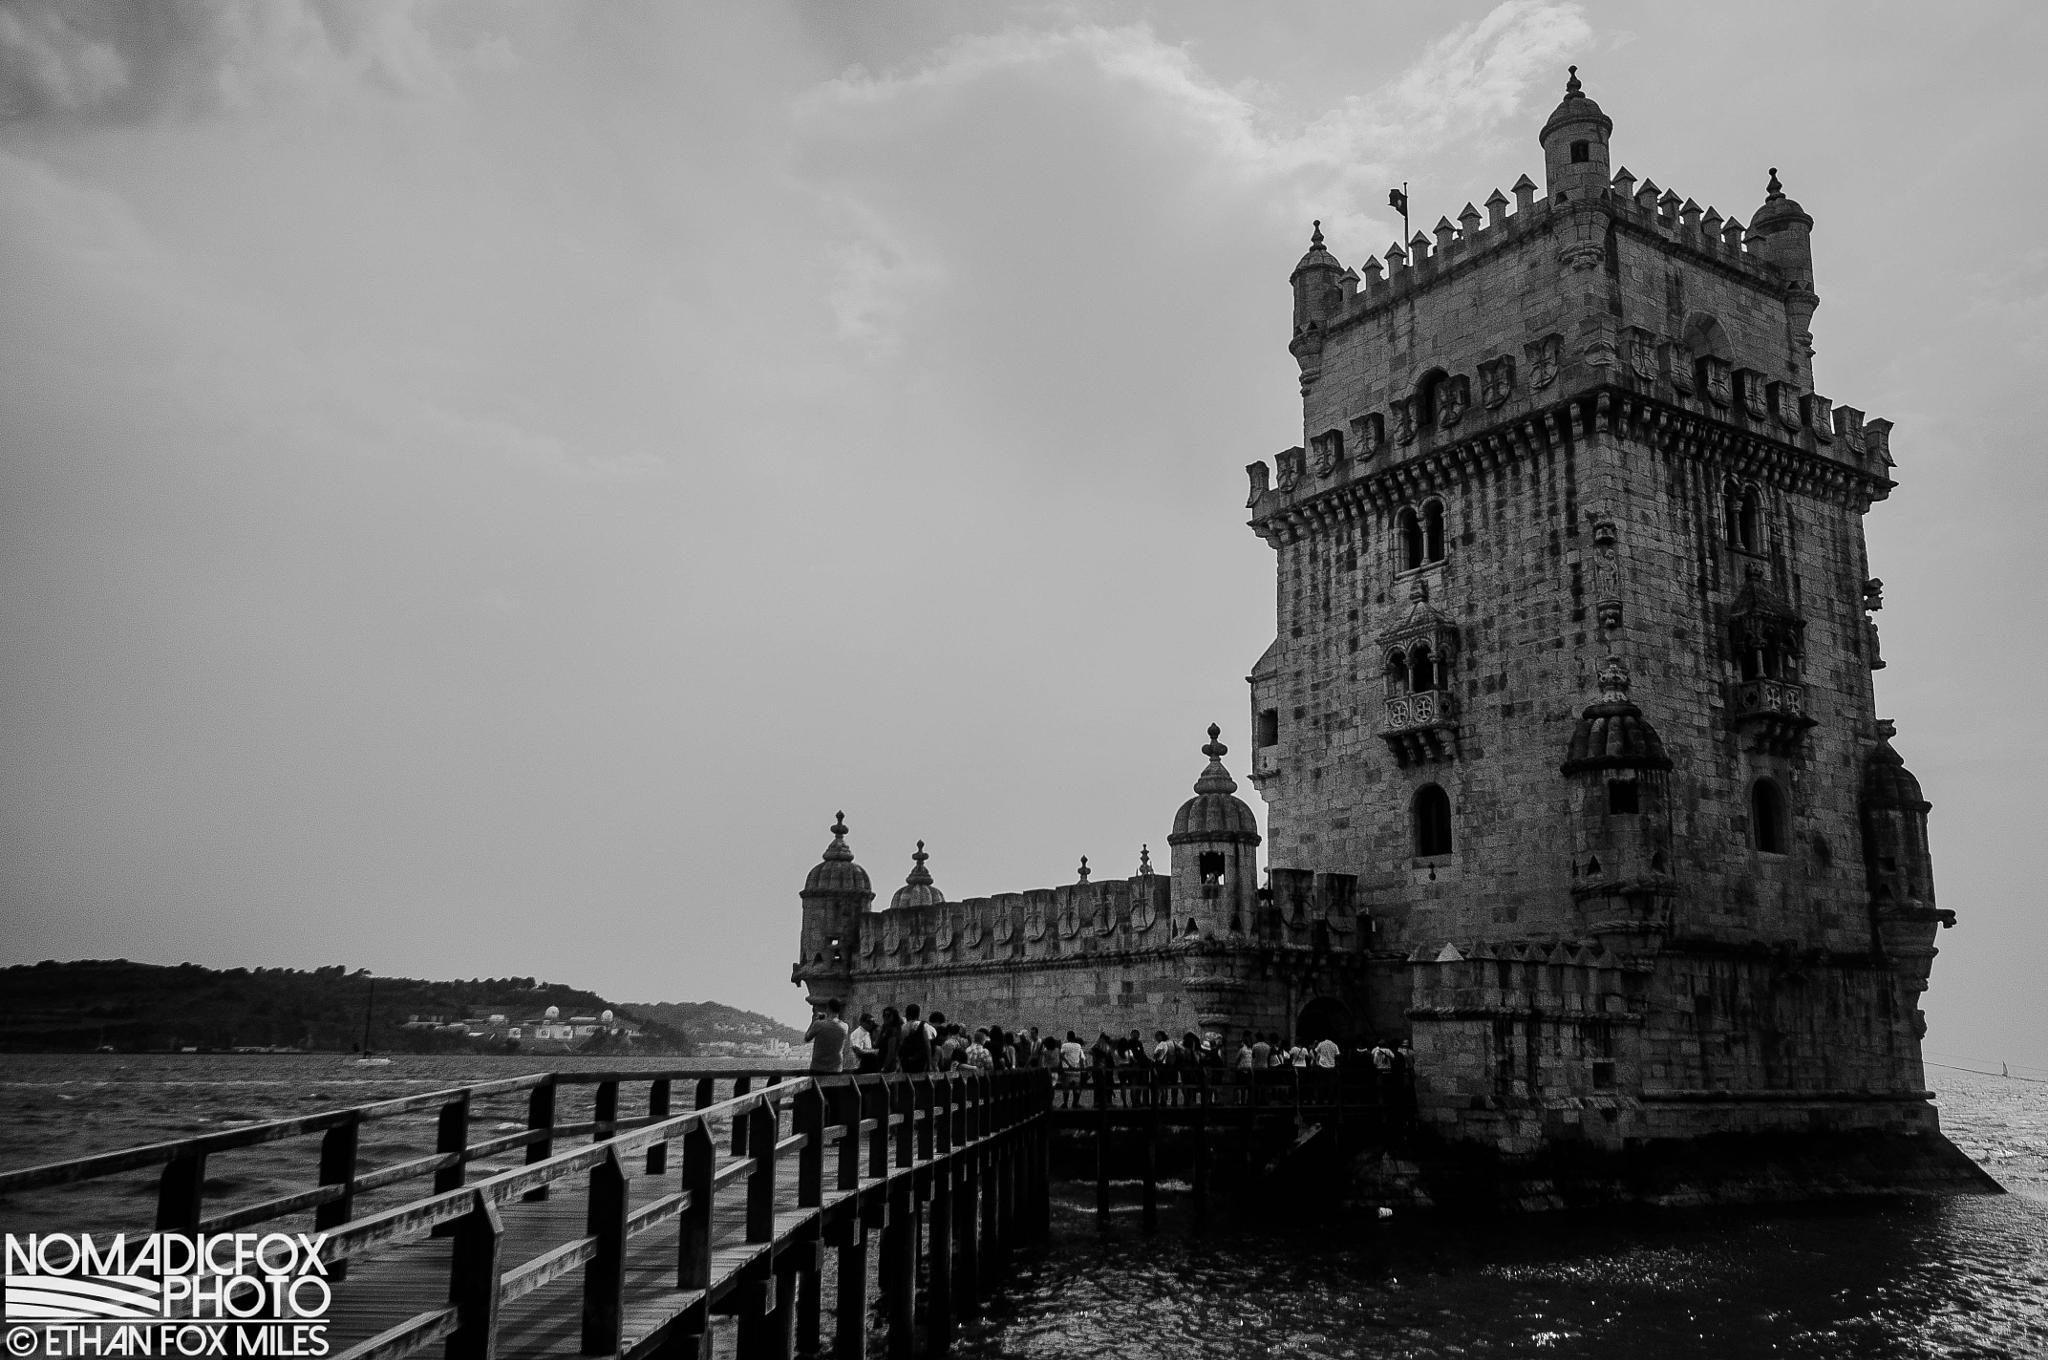 Torre De Belem by NomadicFox Photo